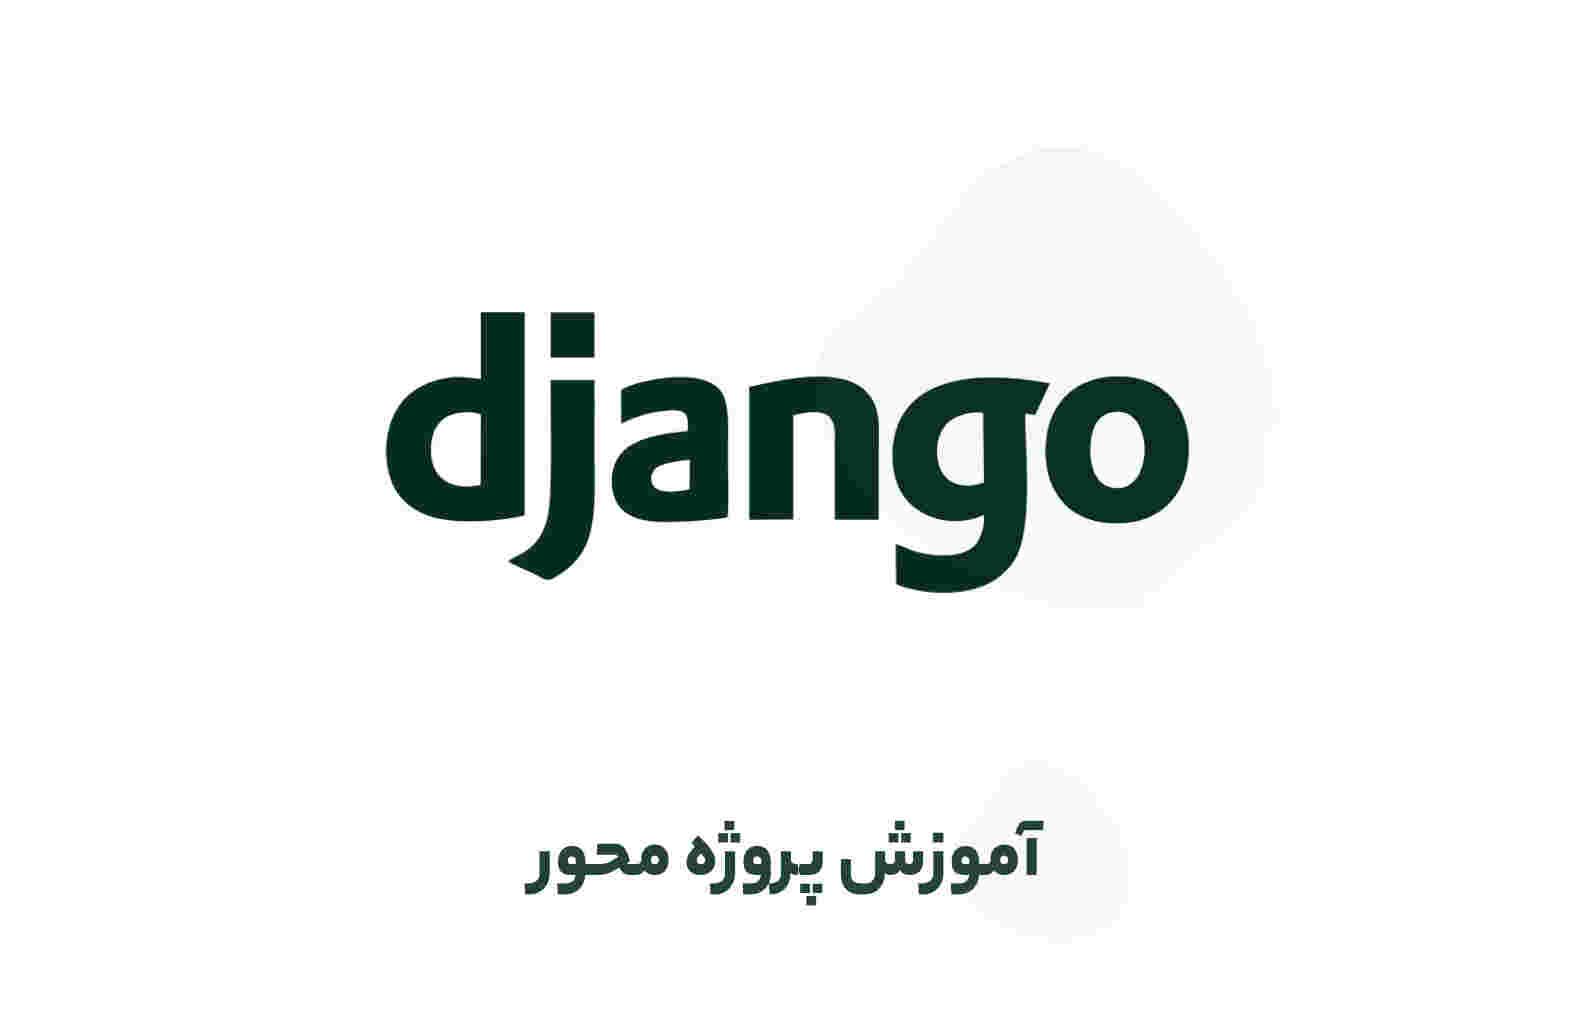 آموزش جنگو (django) از صفر بصورت پروژه محور و با زبانی ساده